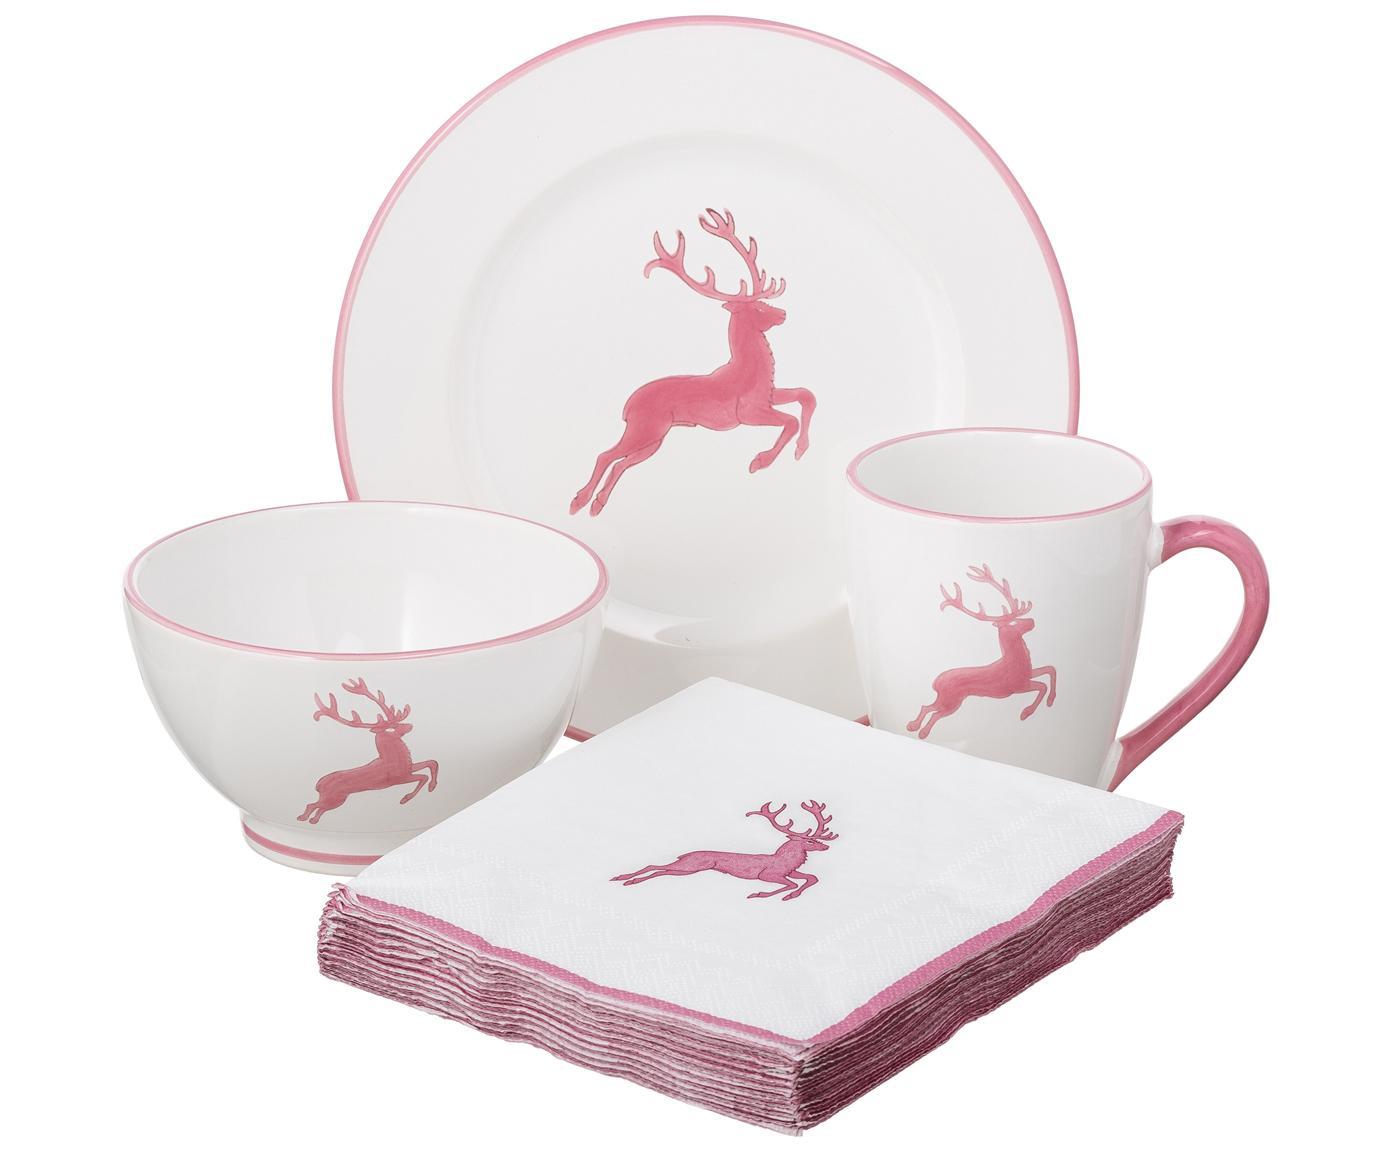 Set de desayuno Rosa Gourmet Deer, 4pzas., Cerámica, Rosa, blanco, Tamaños diferentes